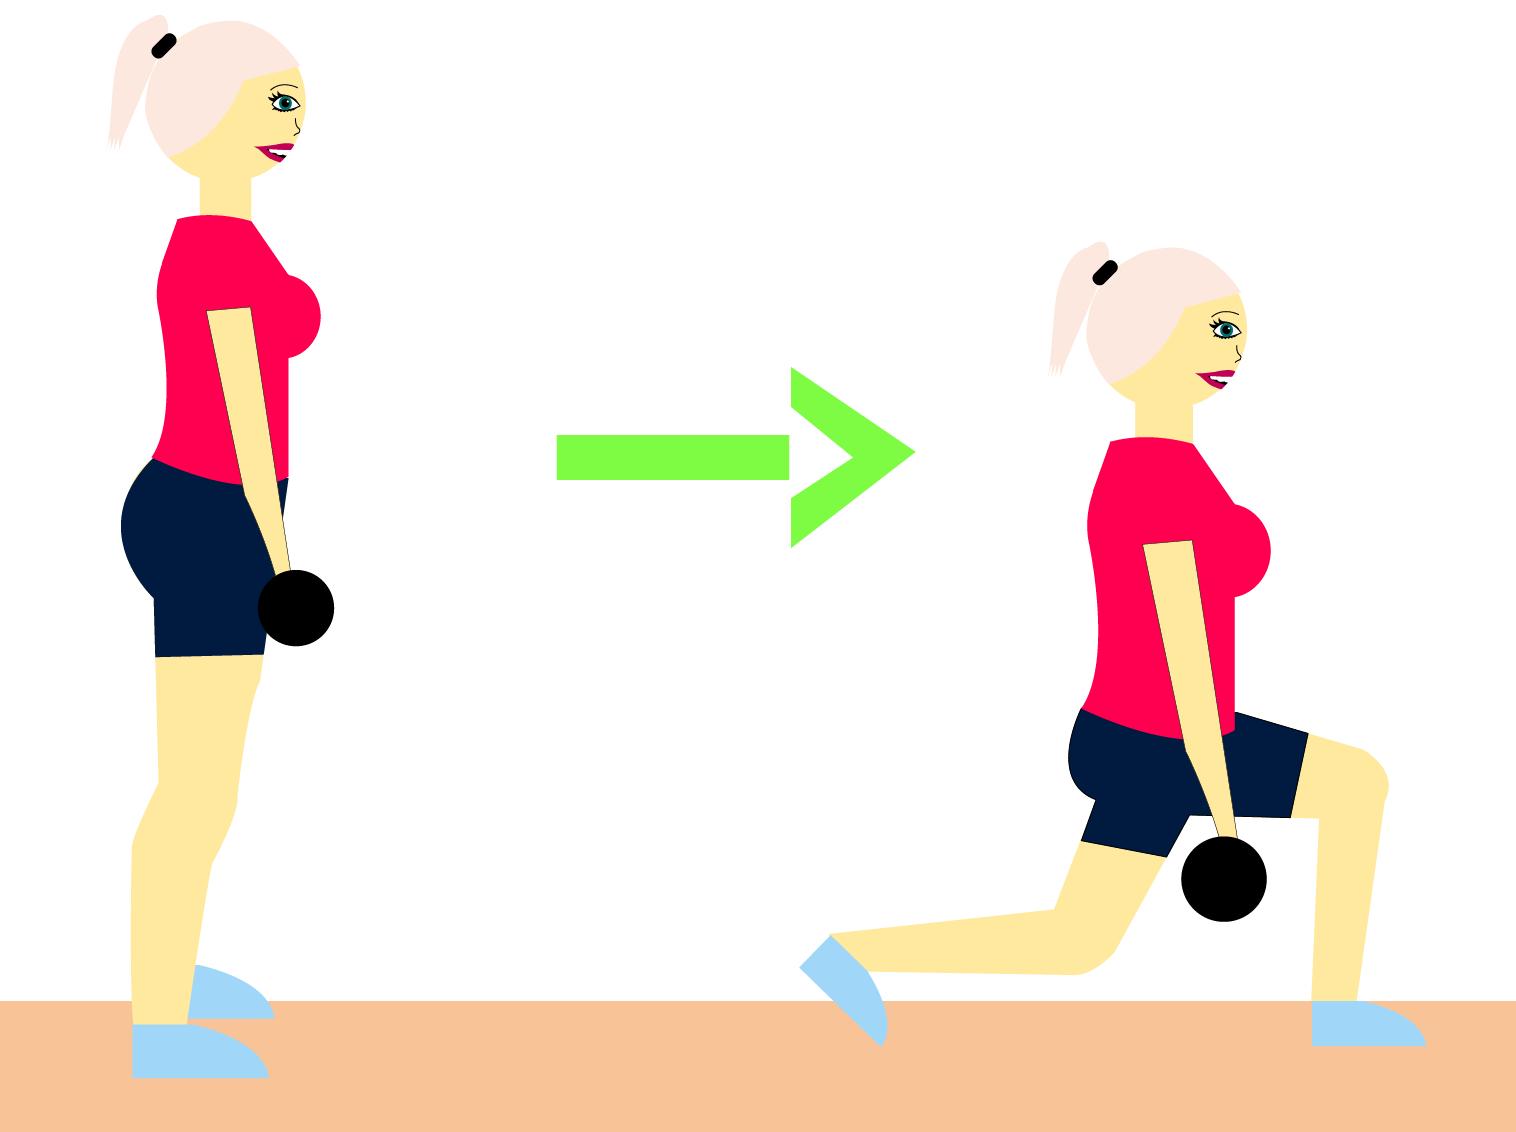 lunges, træning, squat, træning, sund, sundhed, mds, pige, guide, øvelser, træningsøvelser, træningsprogram, lunges, håndvægte